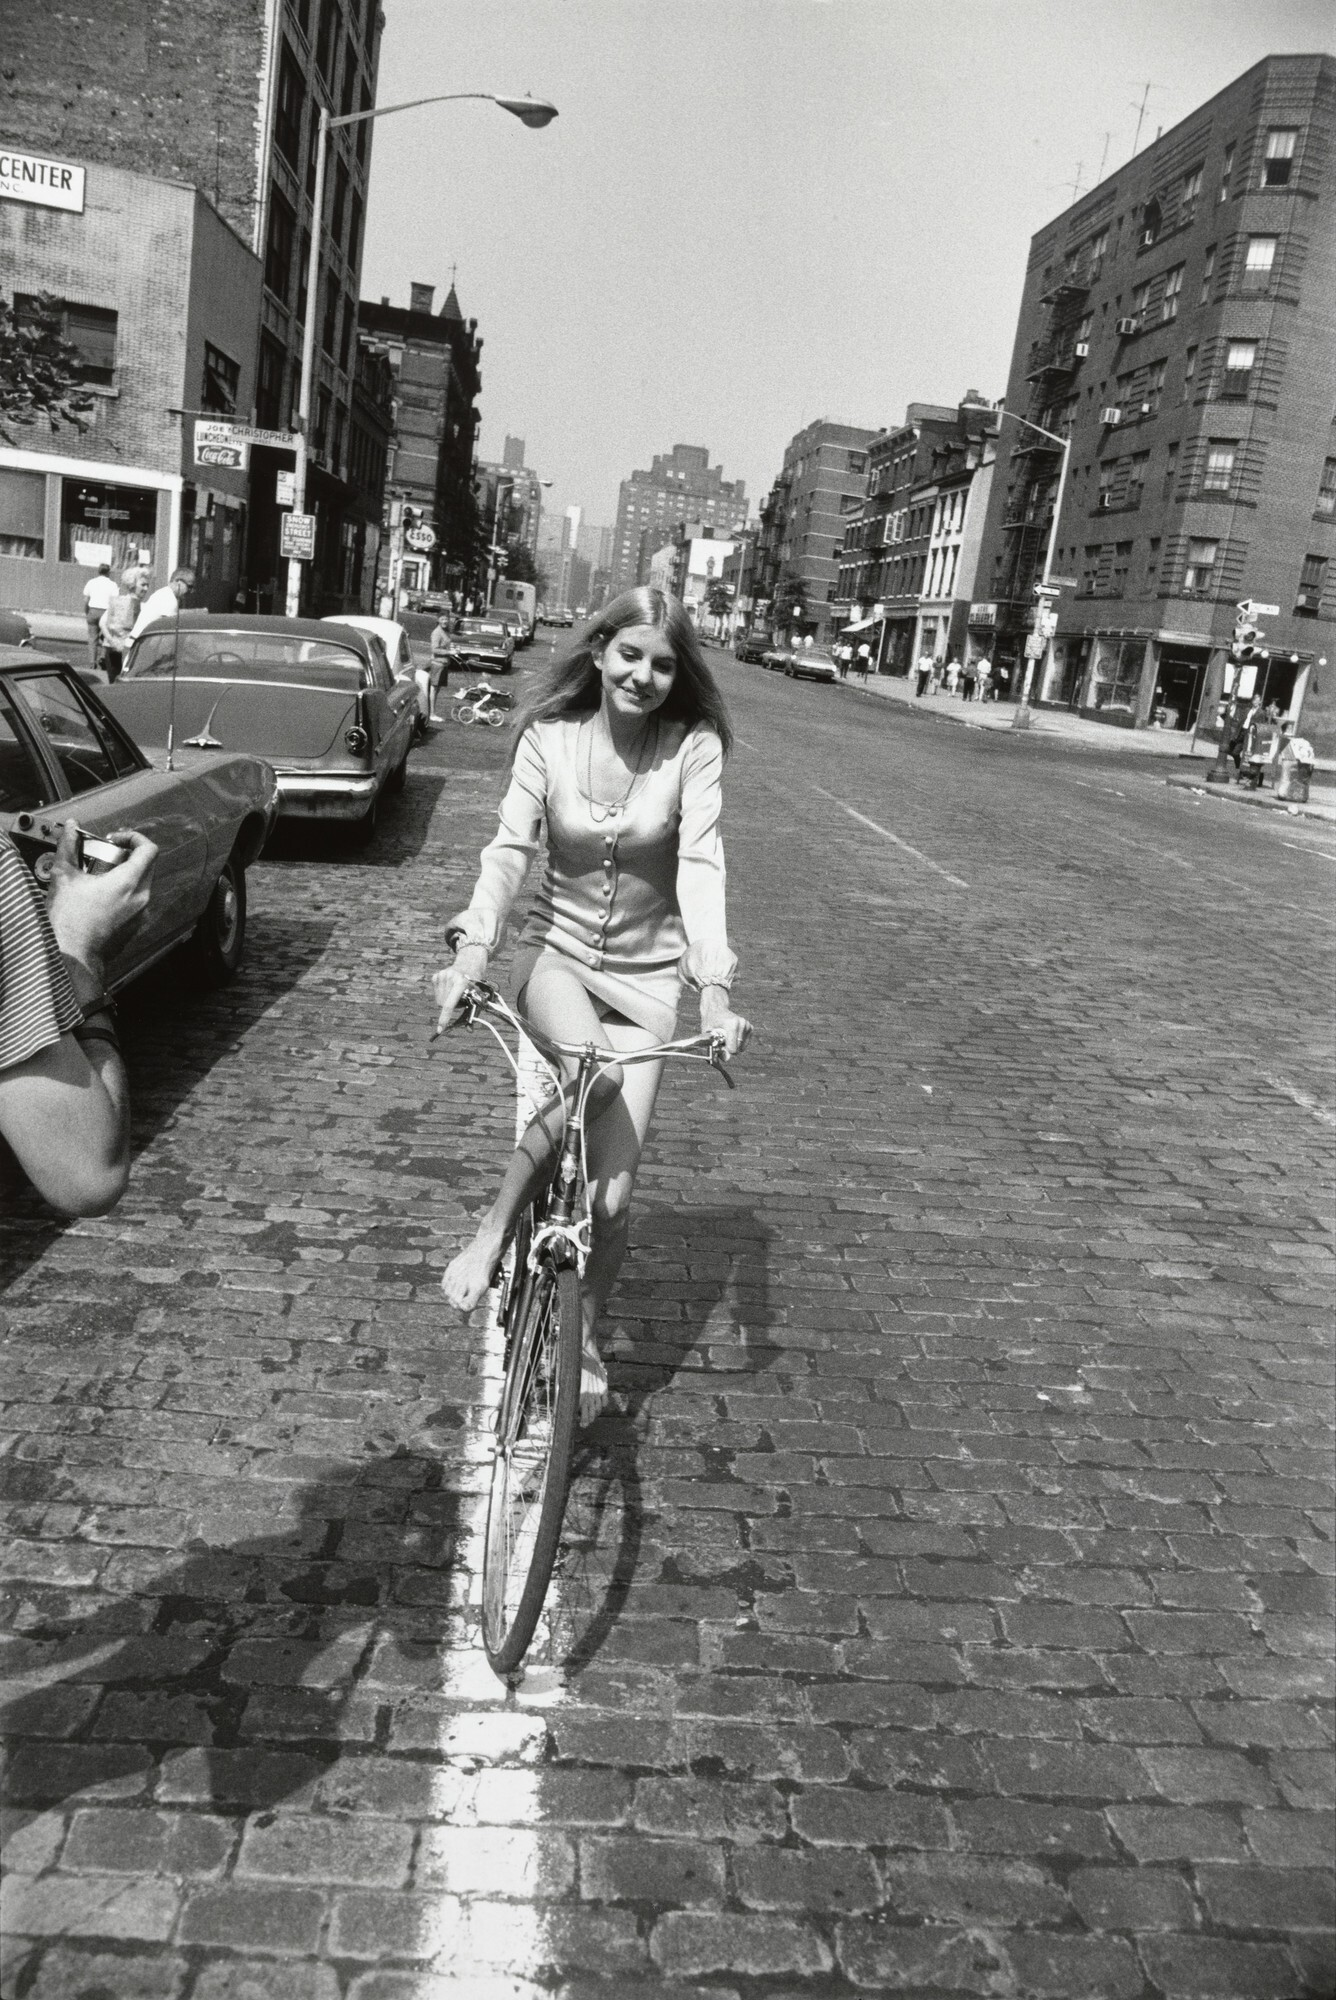 Из проекта «Женщины прекрасны». Нью-Йорк, 1969. Фотограф Гарри Виногранд